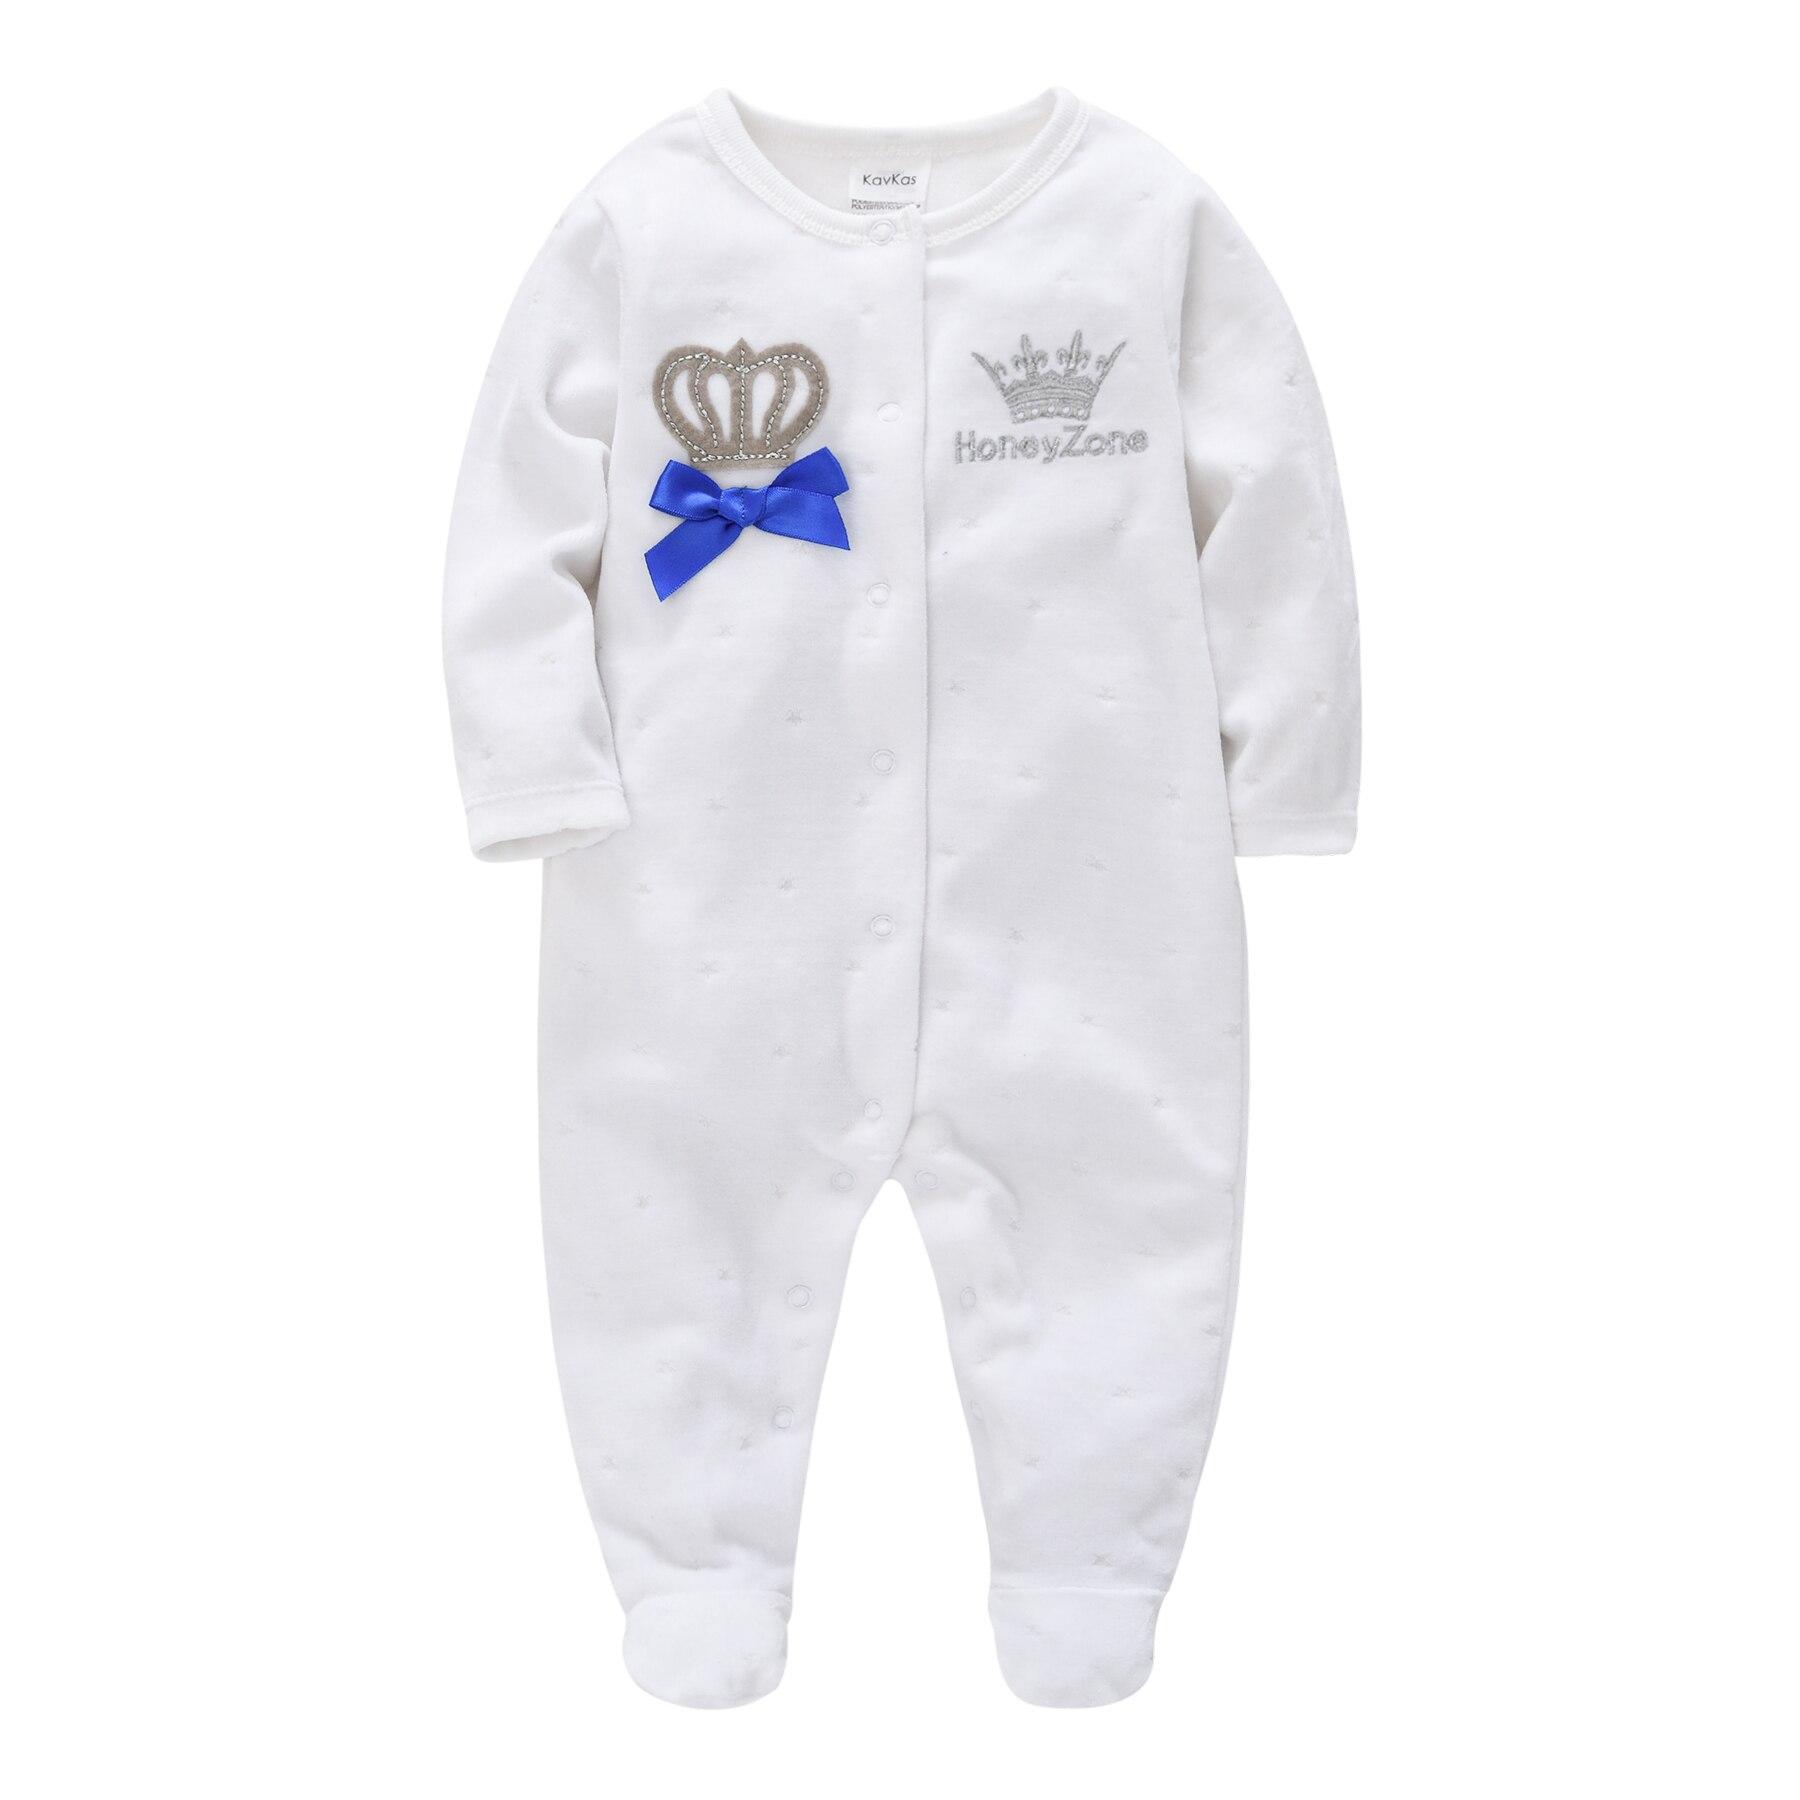 2020, conjunto de ropa para bebé niña, Pijamas para niño, bebé, niña con gorros, guantes, algodón, transpirable, ropa para recién nacidos, Pijamas para bebé, Pjiamas